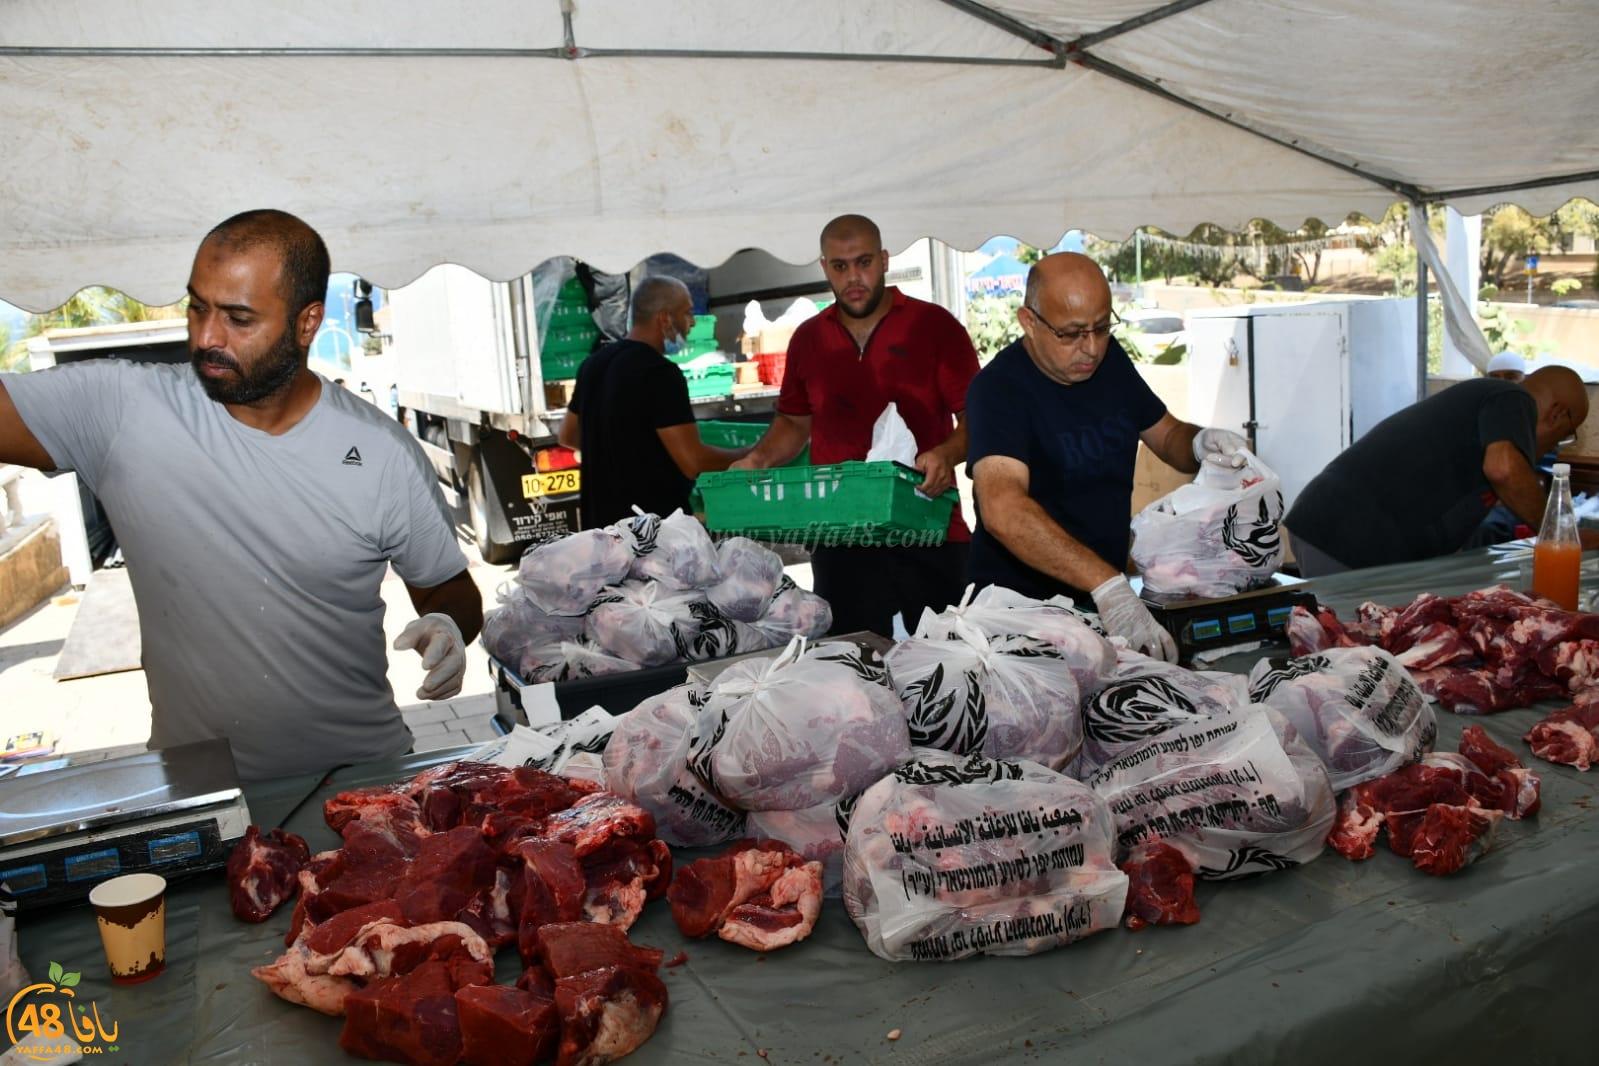 جمعية يافا تُنجز المرحلة الثالثة لمشروع الأضاحي